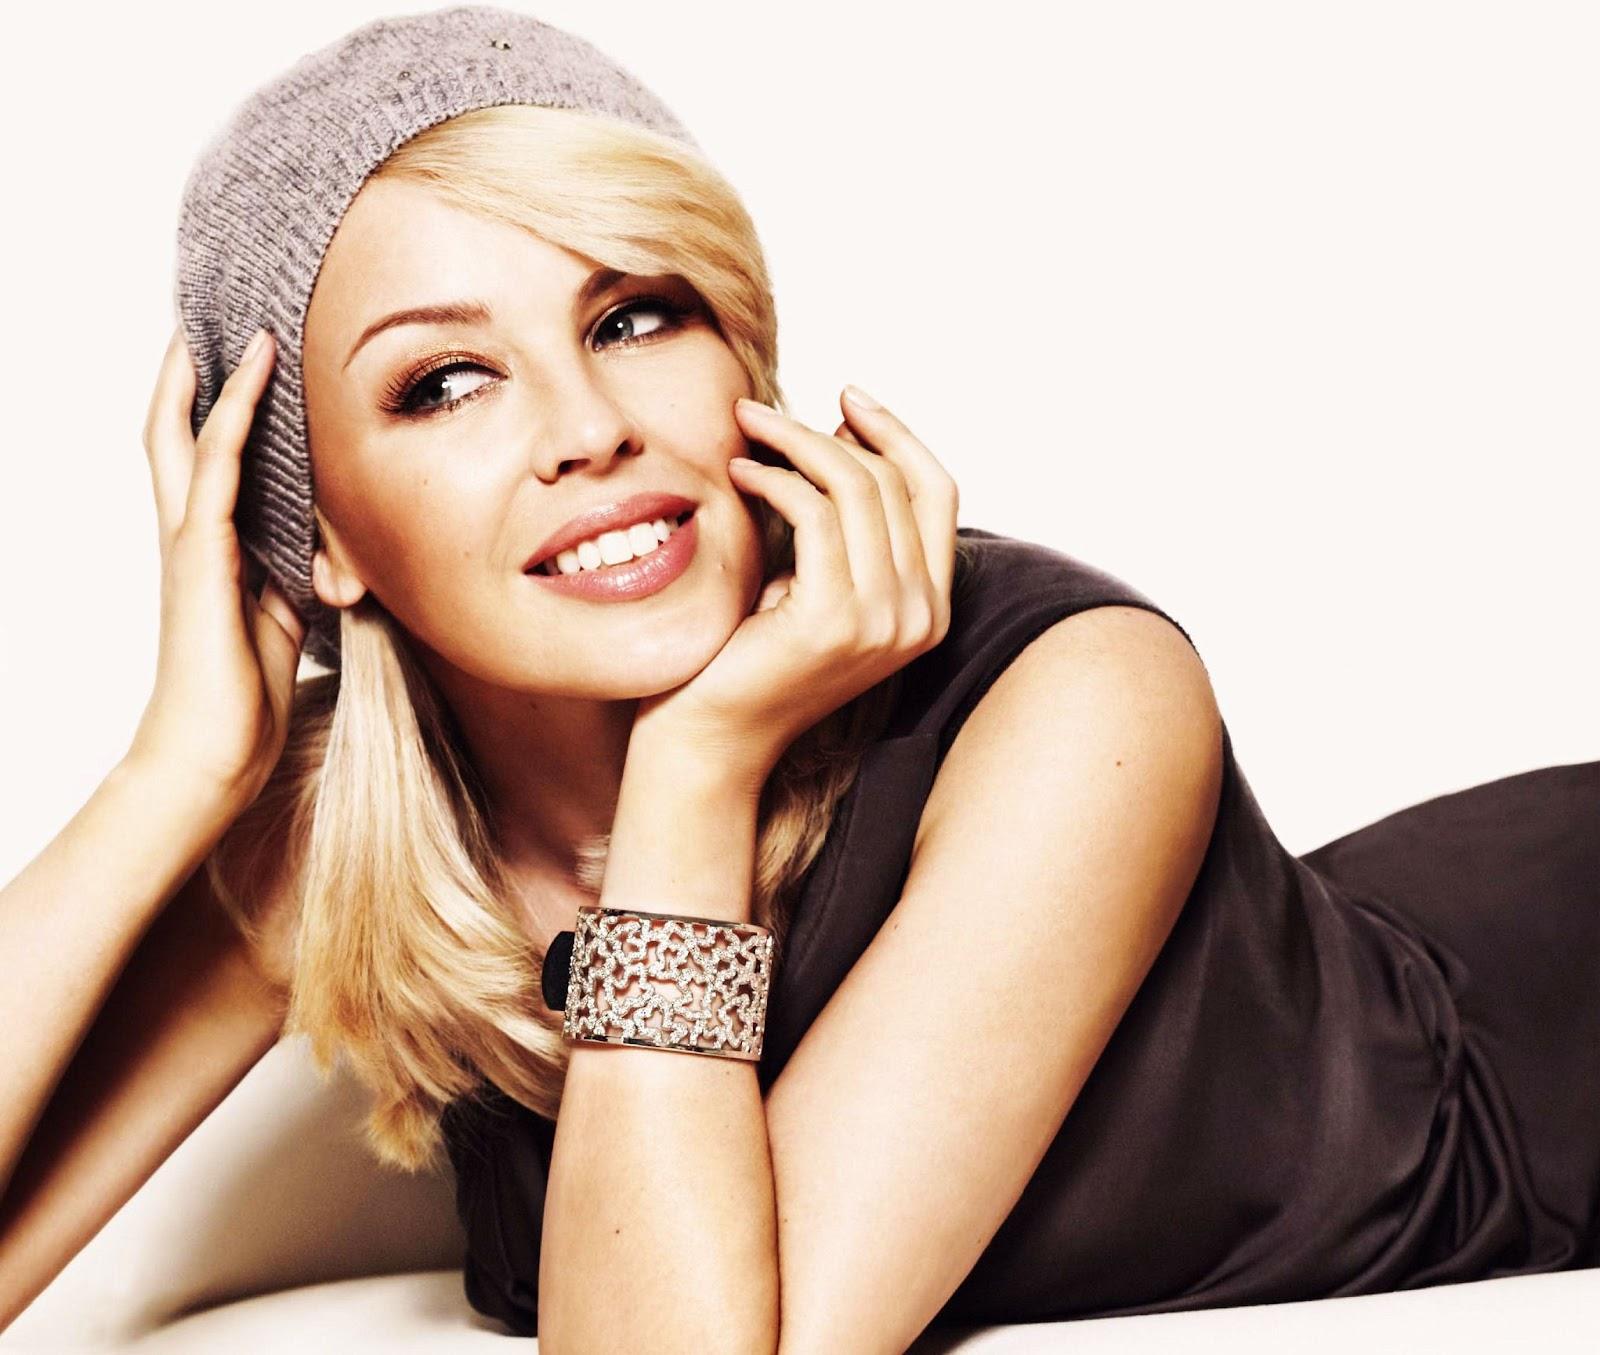 http://1.bp.blogspot.com/-gFJfZ7sRNZY/T140Jv8SmKI/AAAAAAAAEhw/dNSs51FaImM/s1600/Kylie-Minogue.jpg